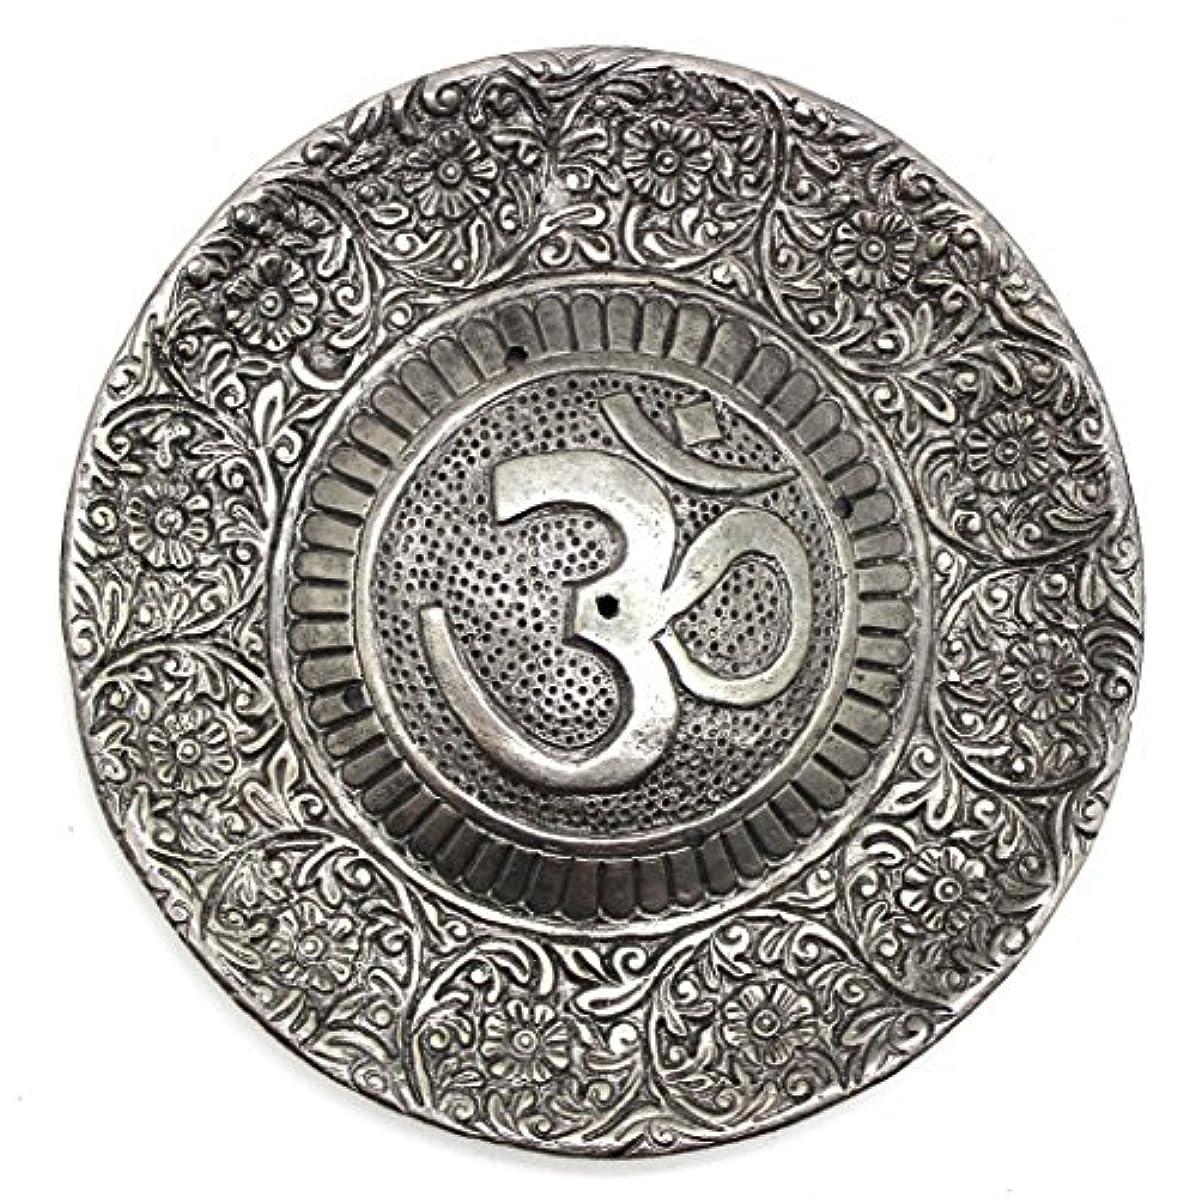 ウェーハビルマリングレットGovinda - Tibetan Incense Burner - Larger OM Symbol - 11cm Diameter